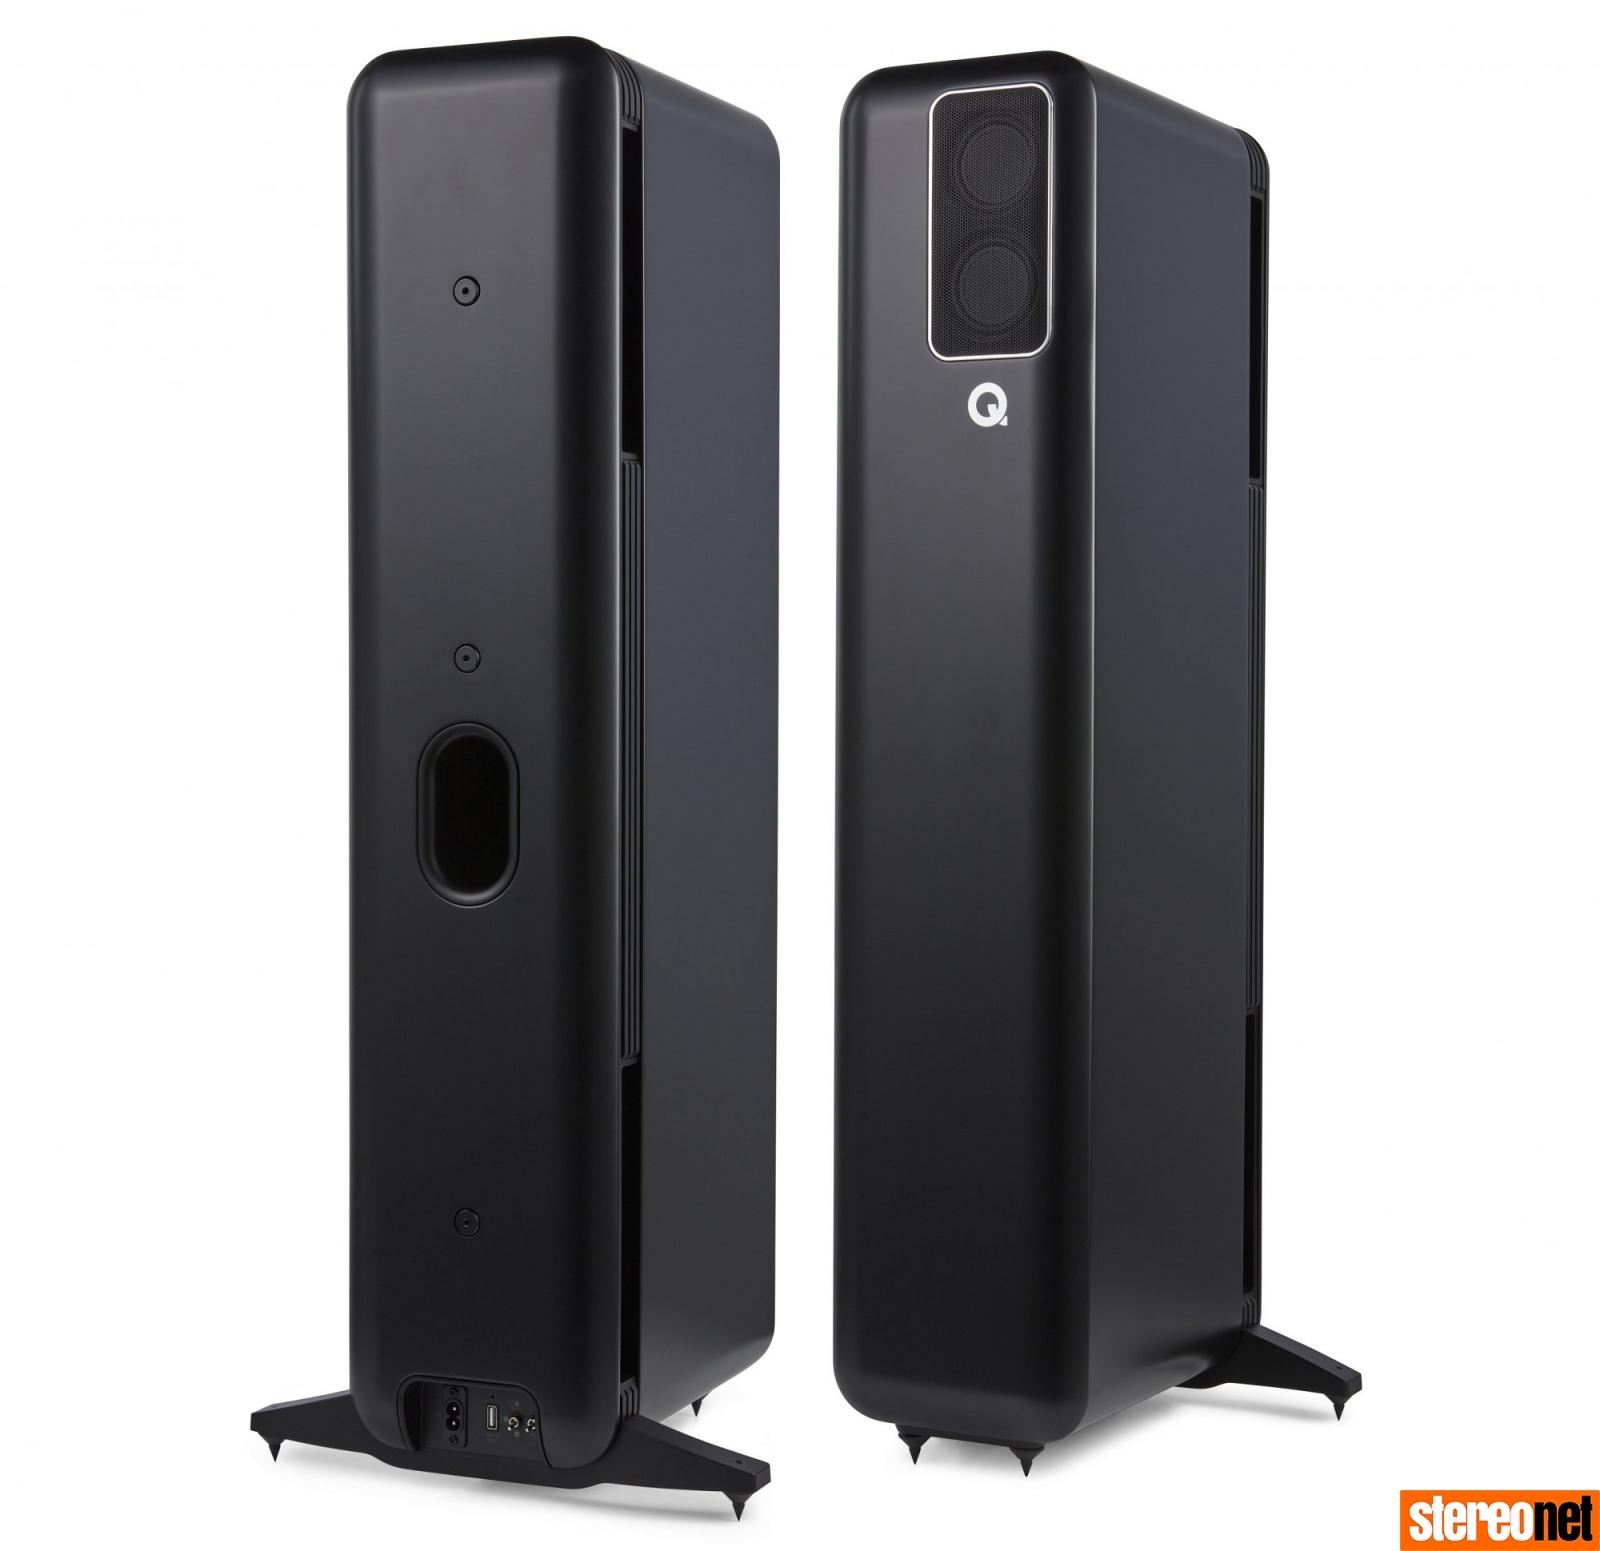 Q Acoustics Q Active 400 loudspeakers